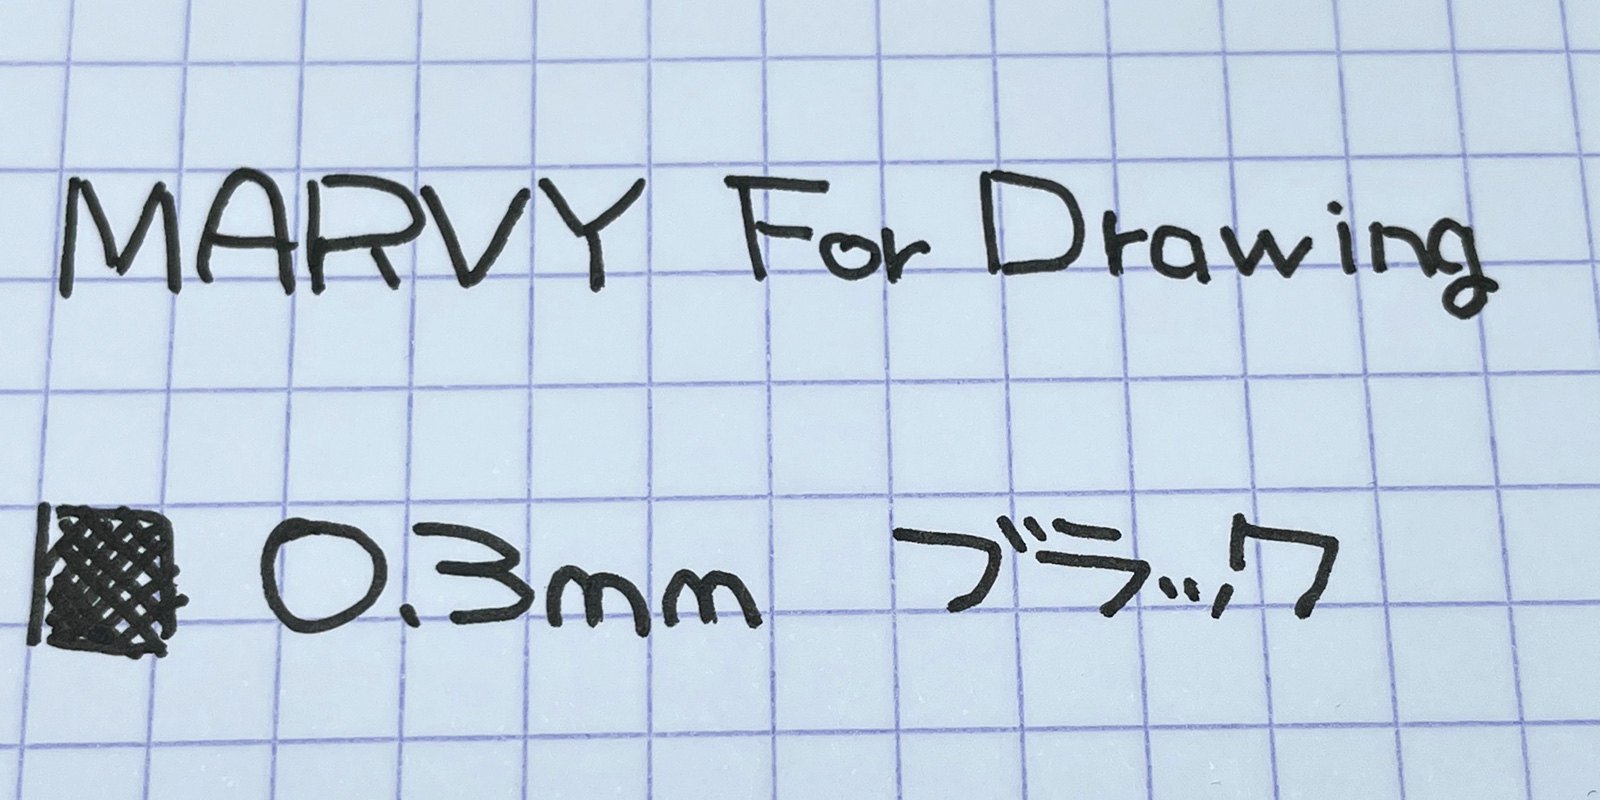 「マービー フォードローイング」0.3mmブラックで書いてみた